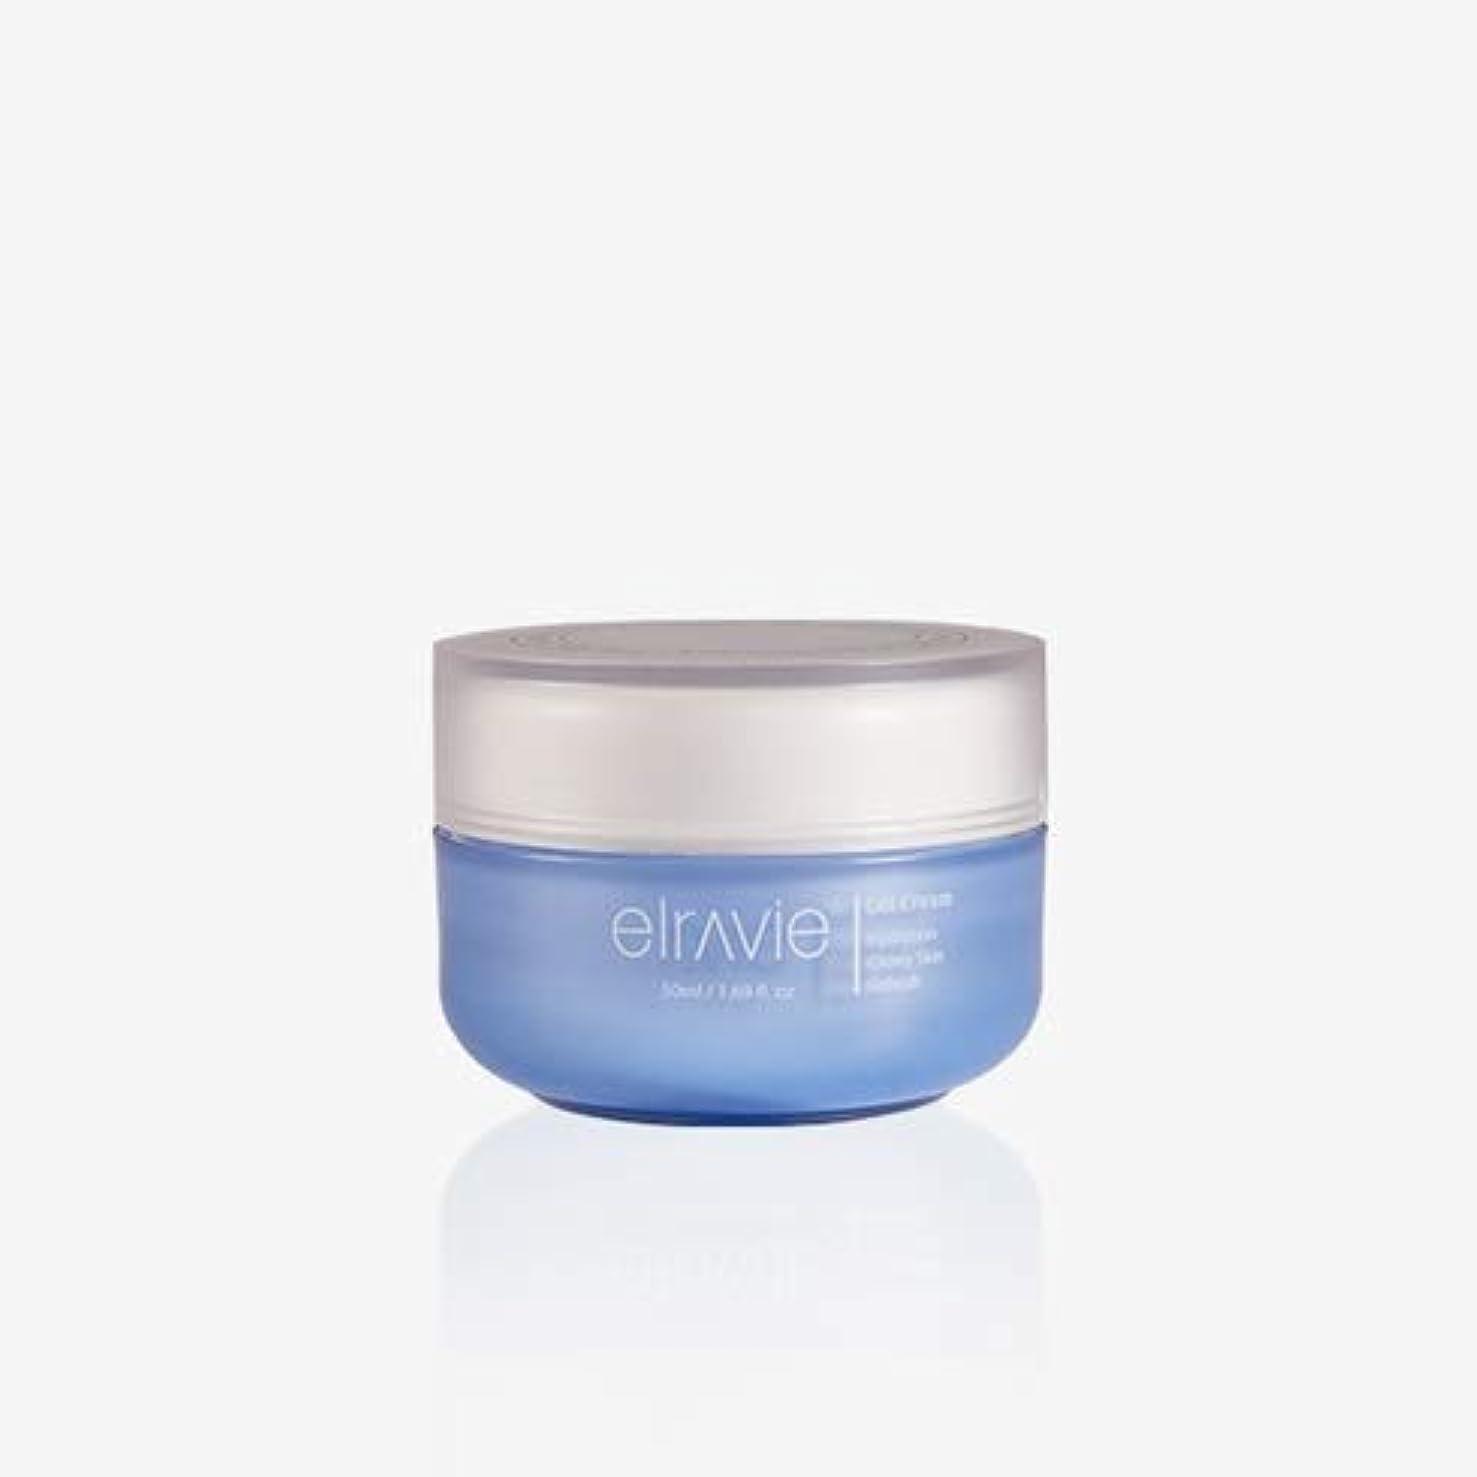 神のレーニン主義提案するエラヴィー[Elravie] ダーマハイドロエクステンデッドハイジェルクリーム50ml / Derma Hydro Extended Hyal Gel Cream